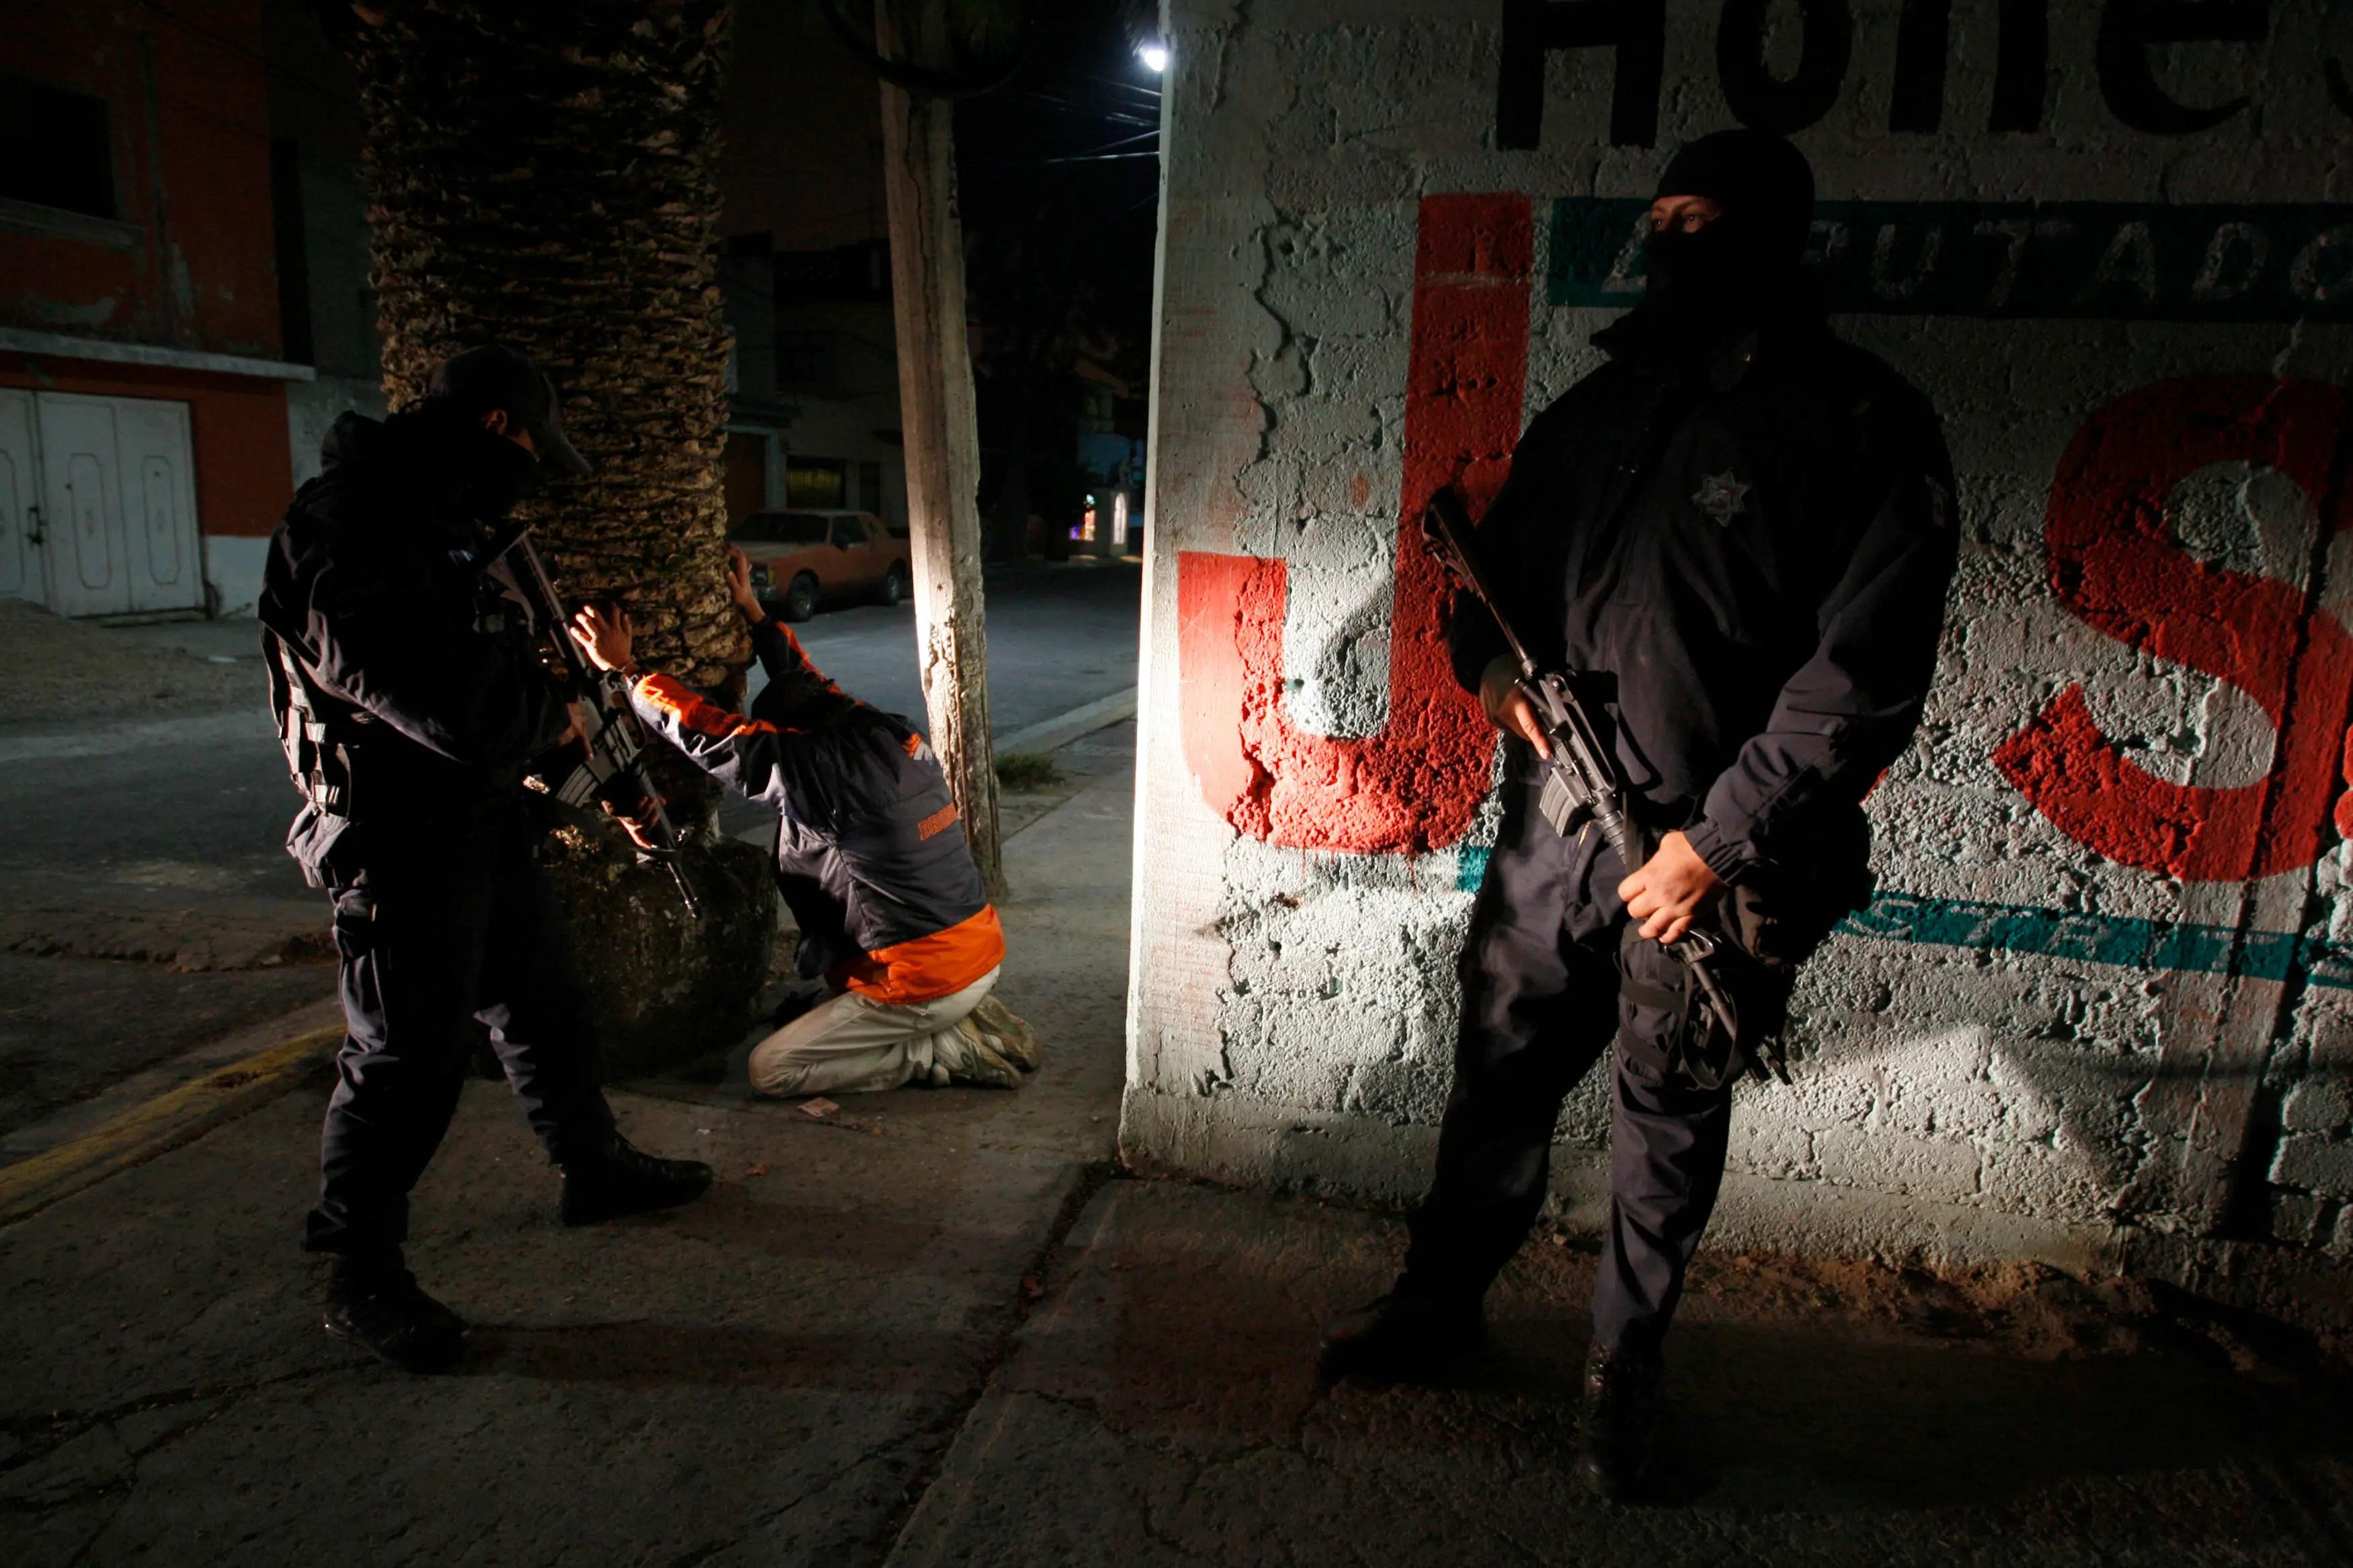 Ecatepec Mexico police crime arrest